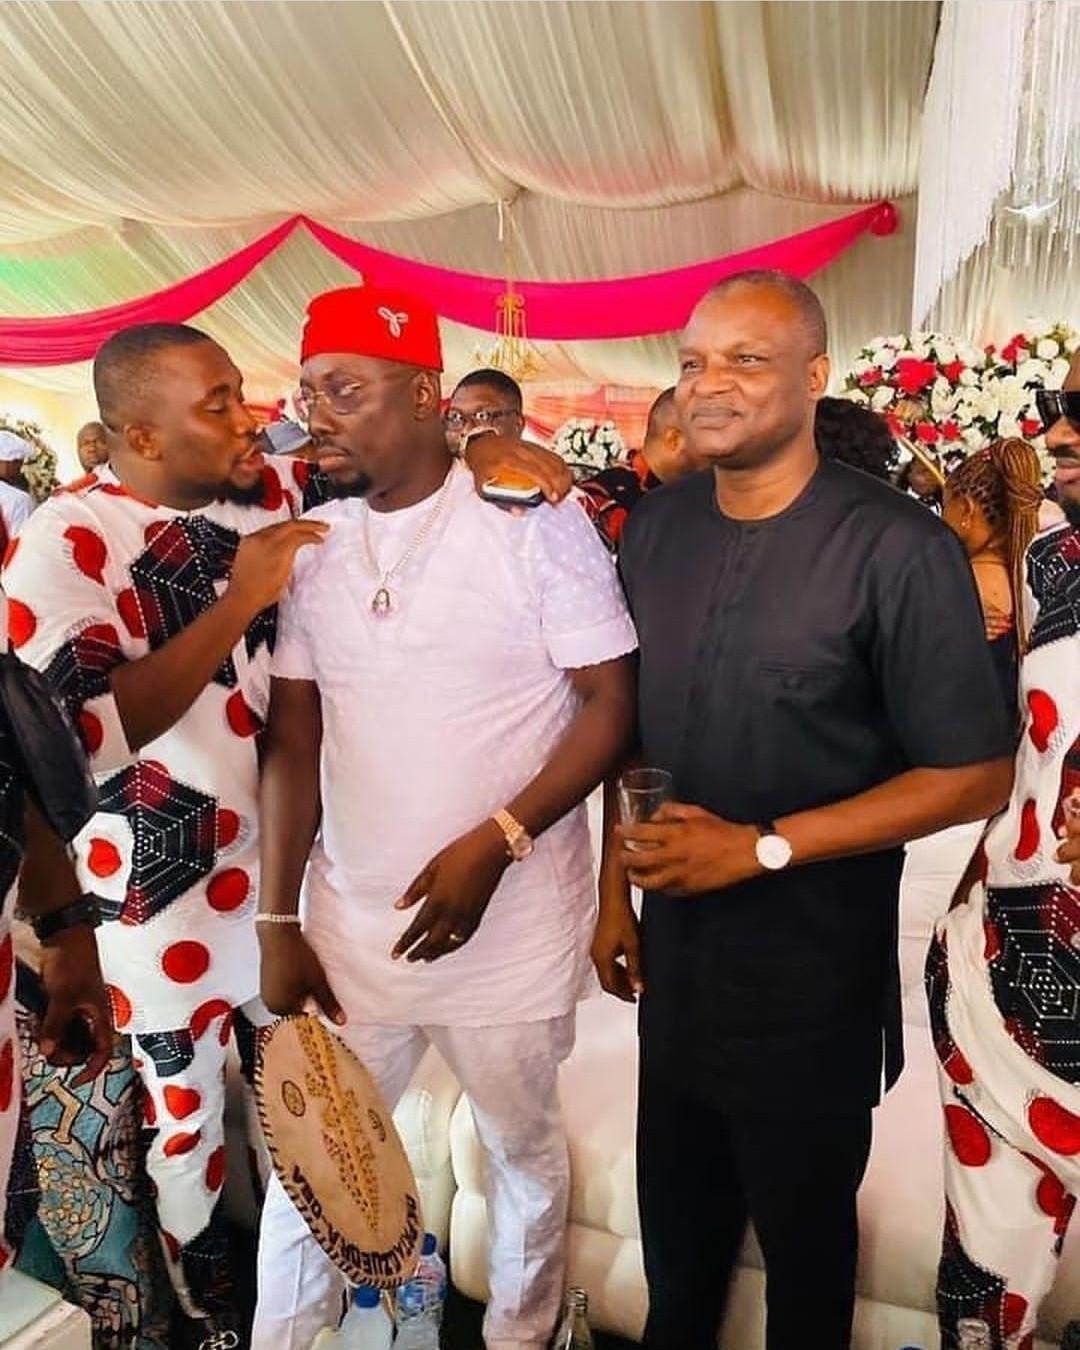 DCP Abba Kyari poses with Obi Cubana at his mother